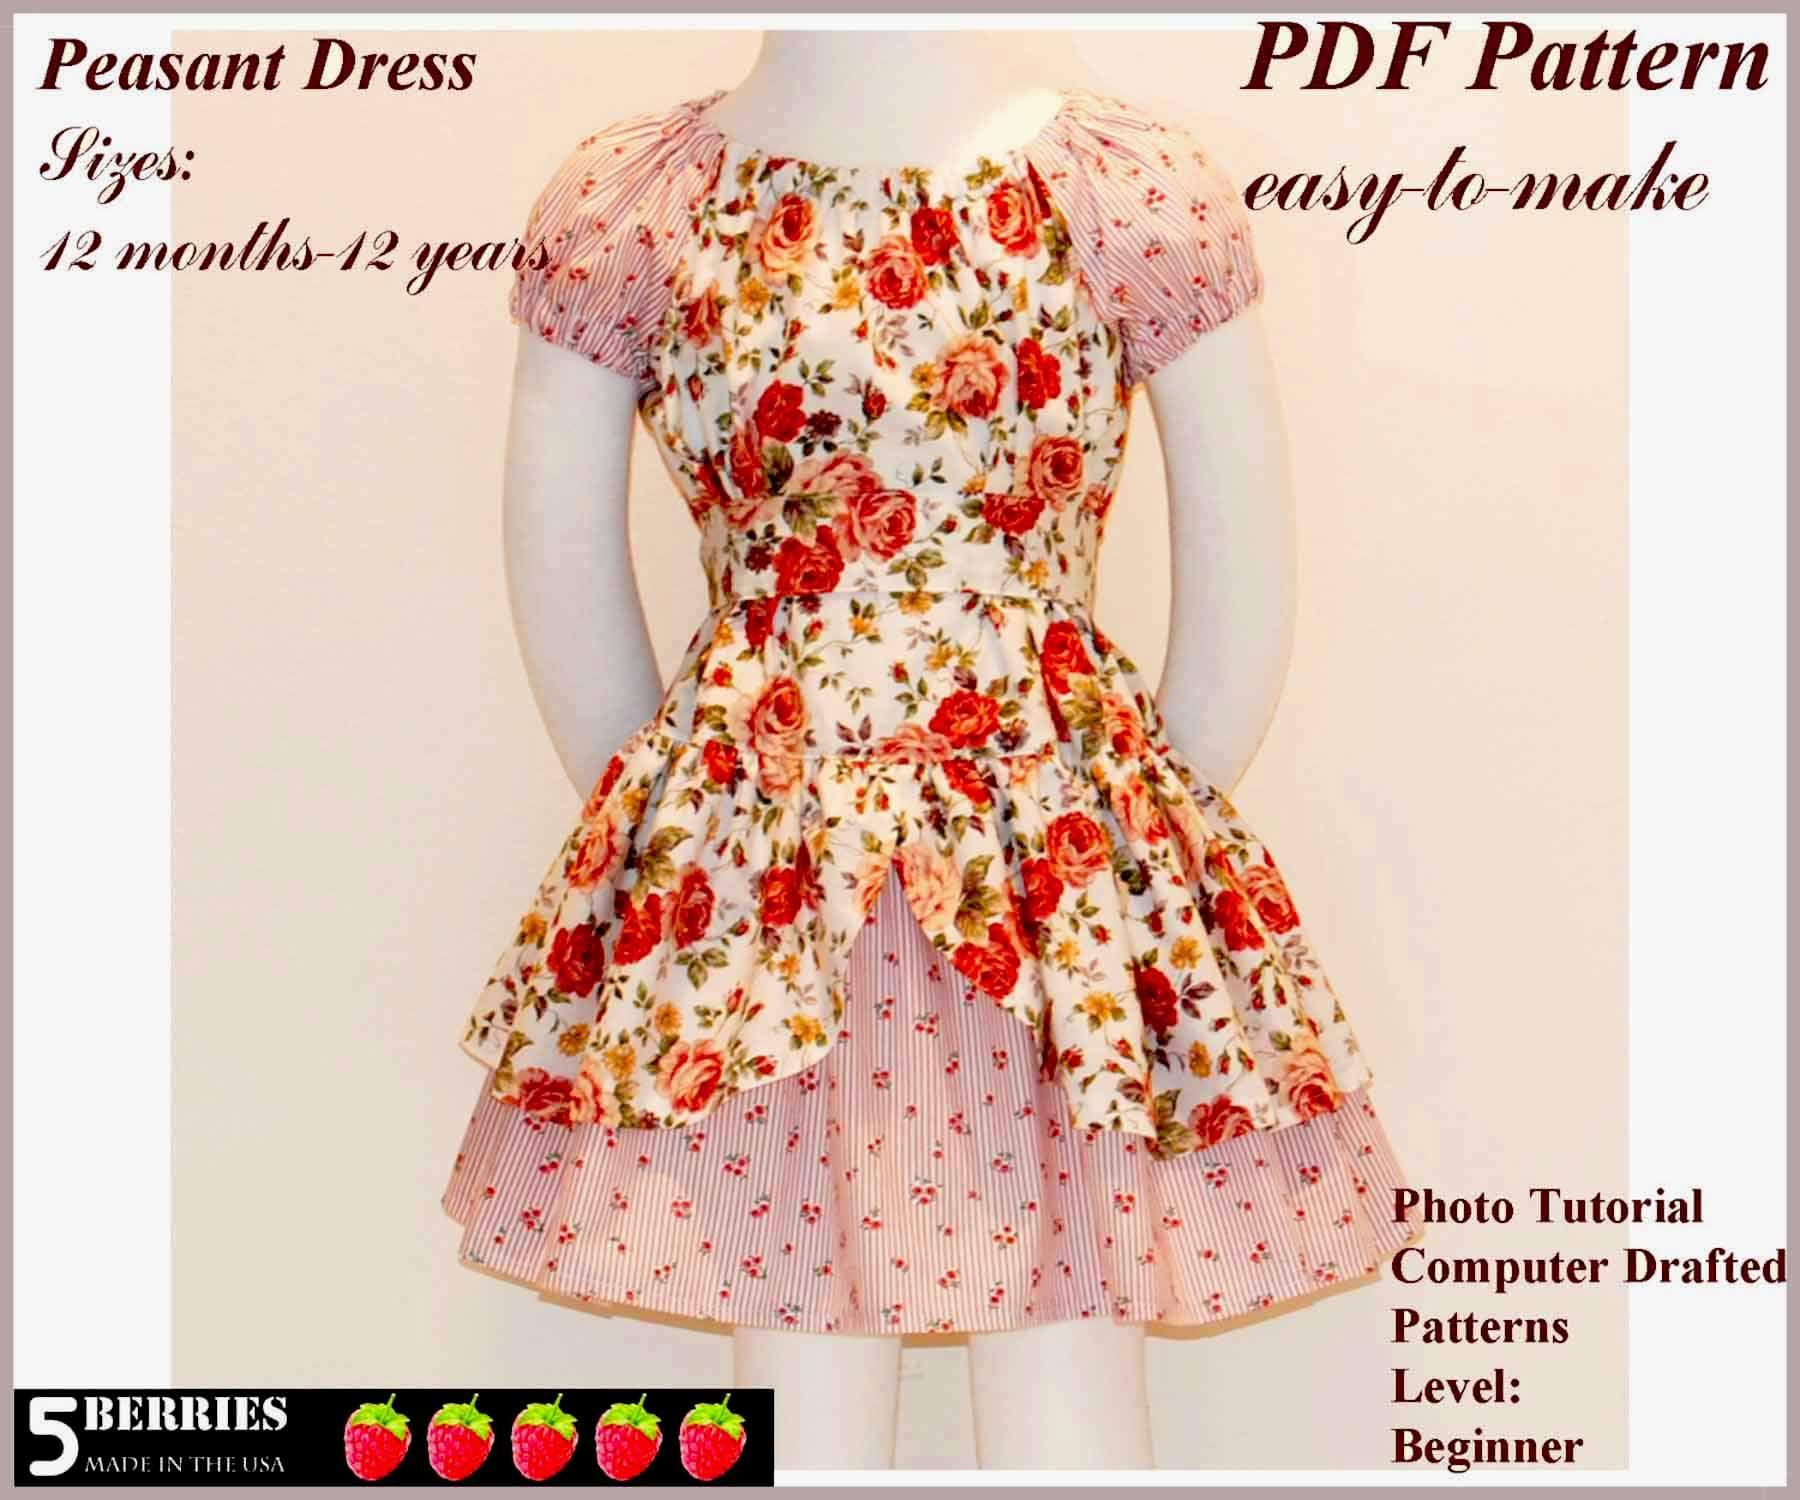 Free Printable Sewing Patterns   Alexandra Girls Dress Sewing - Free Printable Toddler Dress Patterns